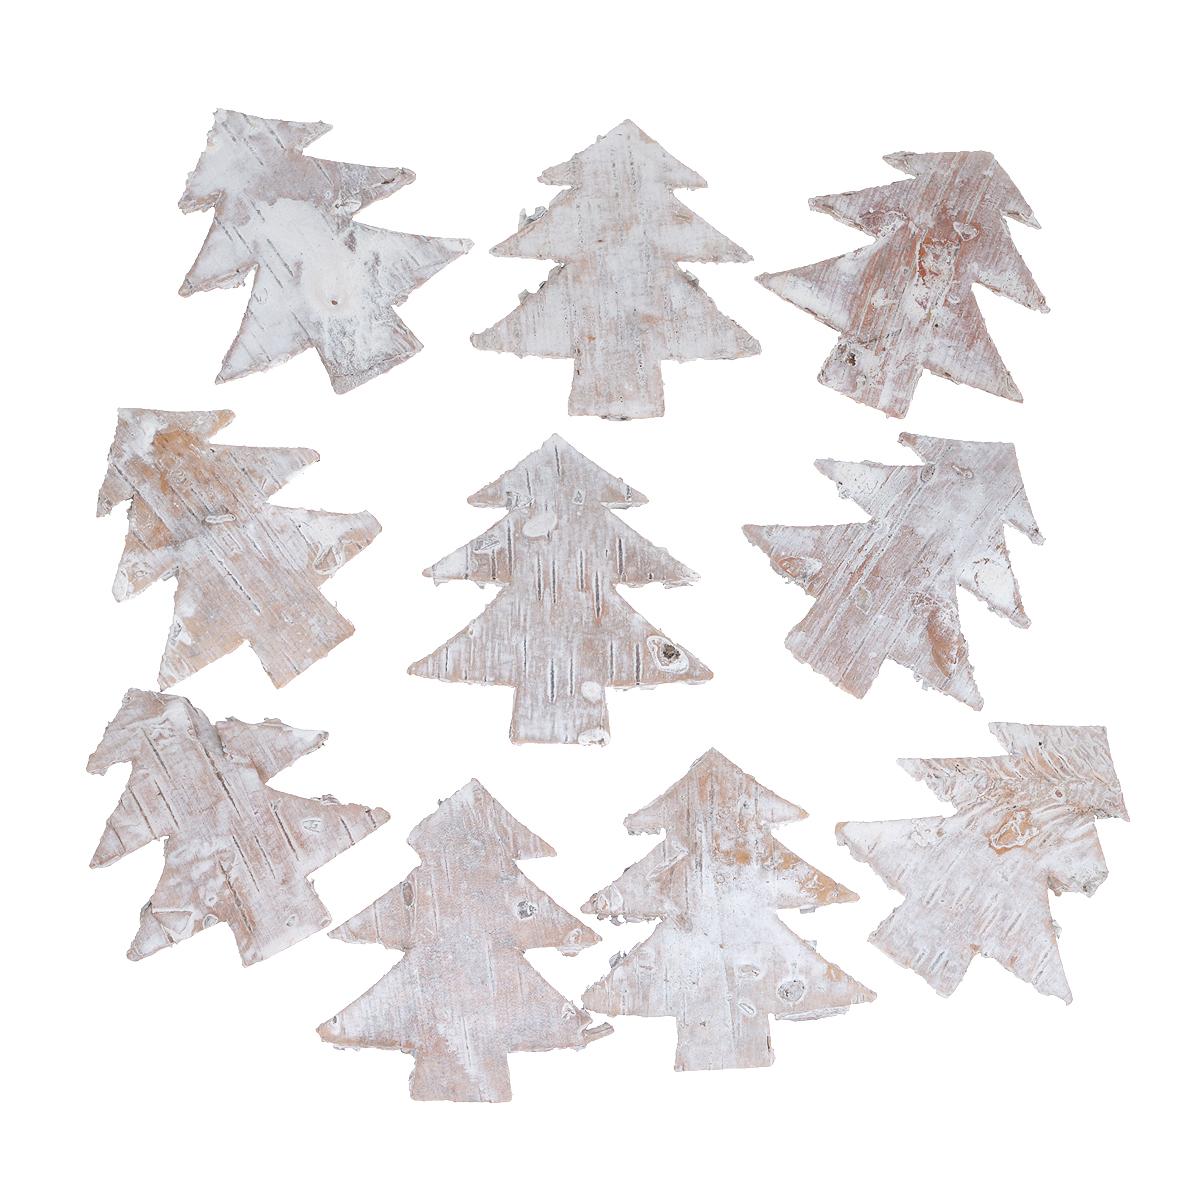 Декоративный элемент Dongjiang Art Елка, цвет: белый, 10 шт55052Декоративный элемент Dongjiang Art Елка, изготовленный из натуральной коры дерева, предназначен для украшения цветочных композиций. Изделие можно также использовать в технике скрапбукинг и многом другом. Флористика - вид декоративно-прикладного искусства, который использует живые, засушенные или консервированные природные материалы для создания флористических работ. Это целый мир, в котором есть место и строгому математическому расчету, и вдохновению.